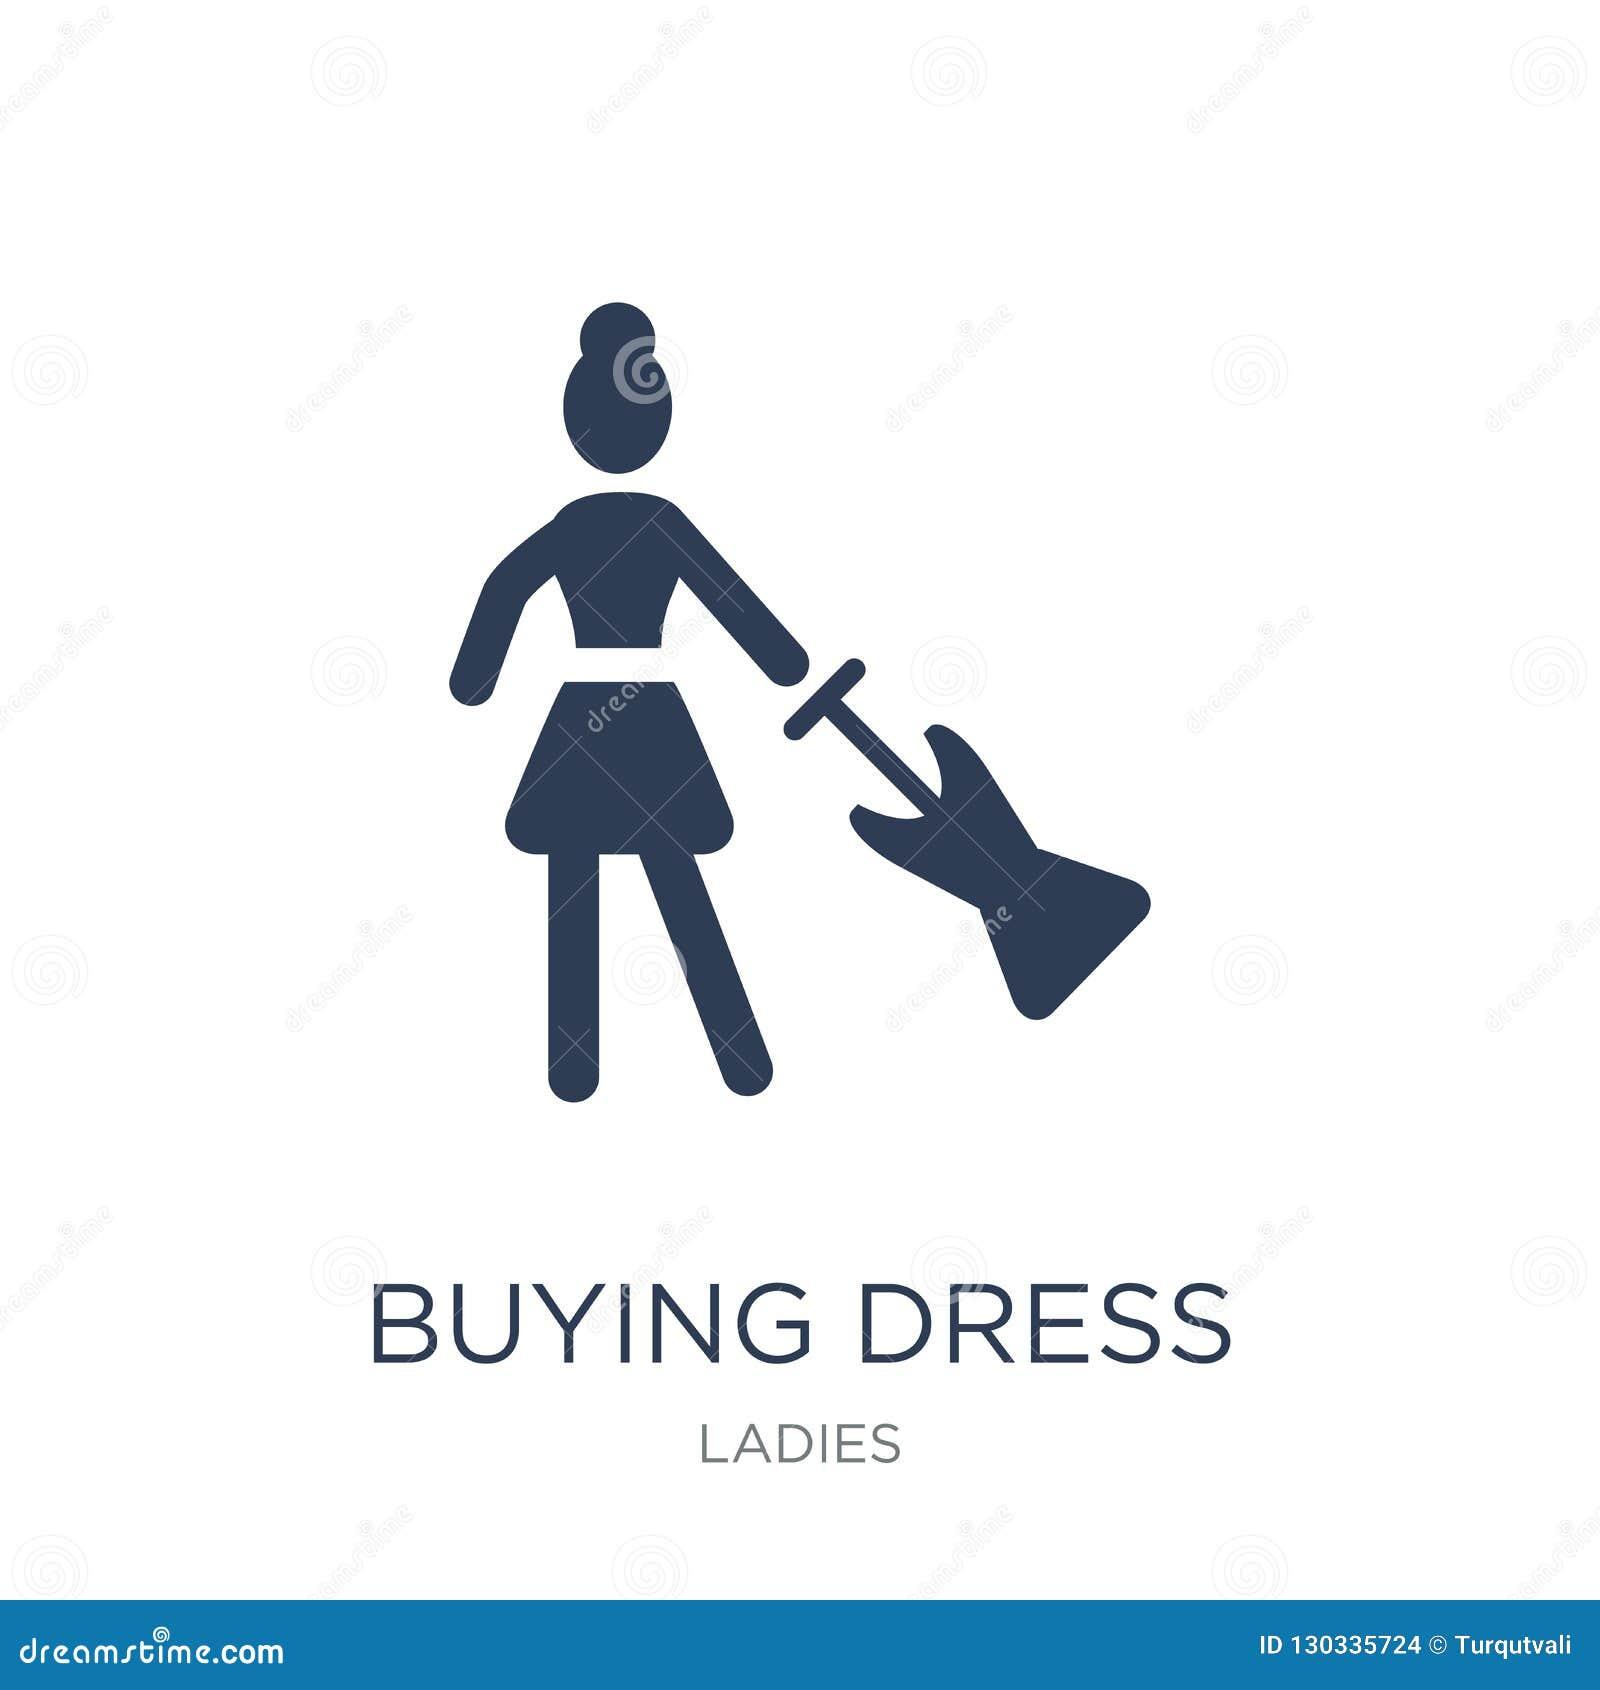 Icono de compra del vestido Icono de compra del vestido del vector plano de moda en blanco